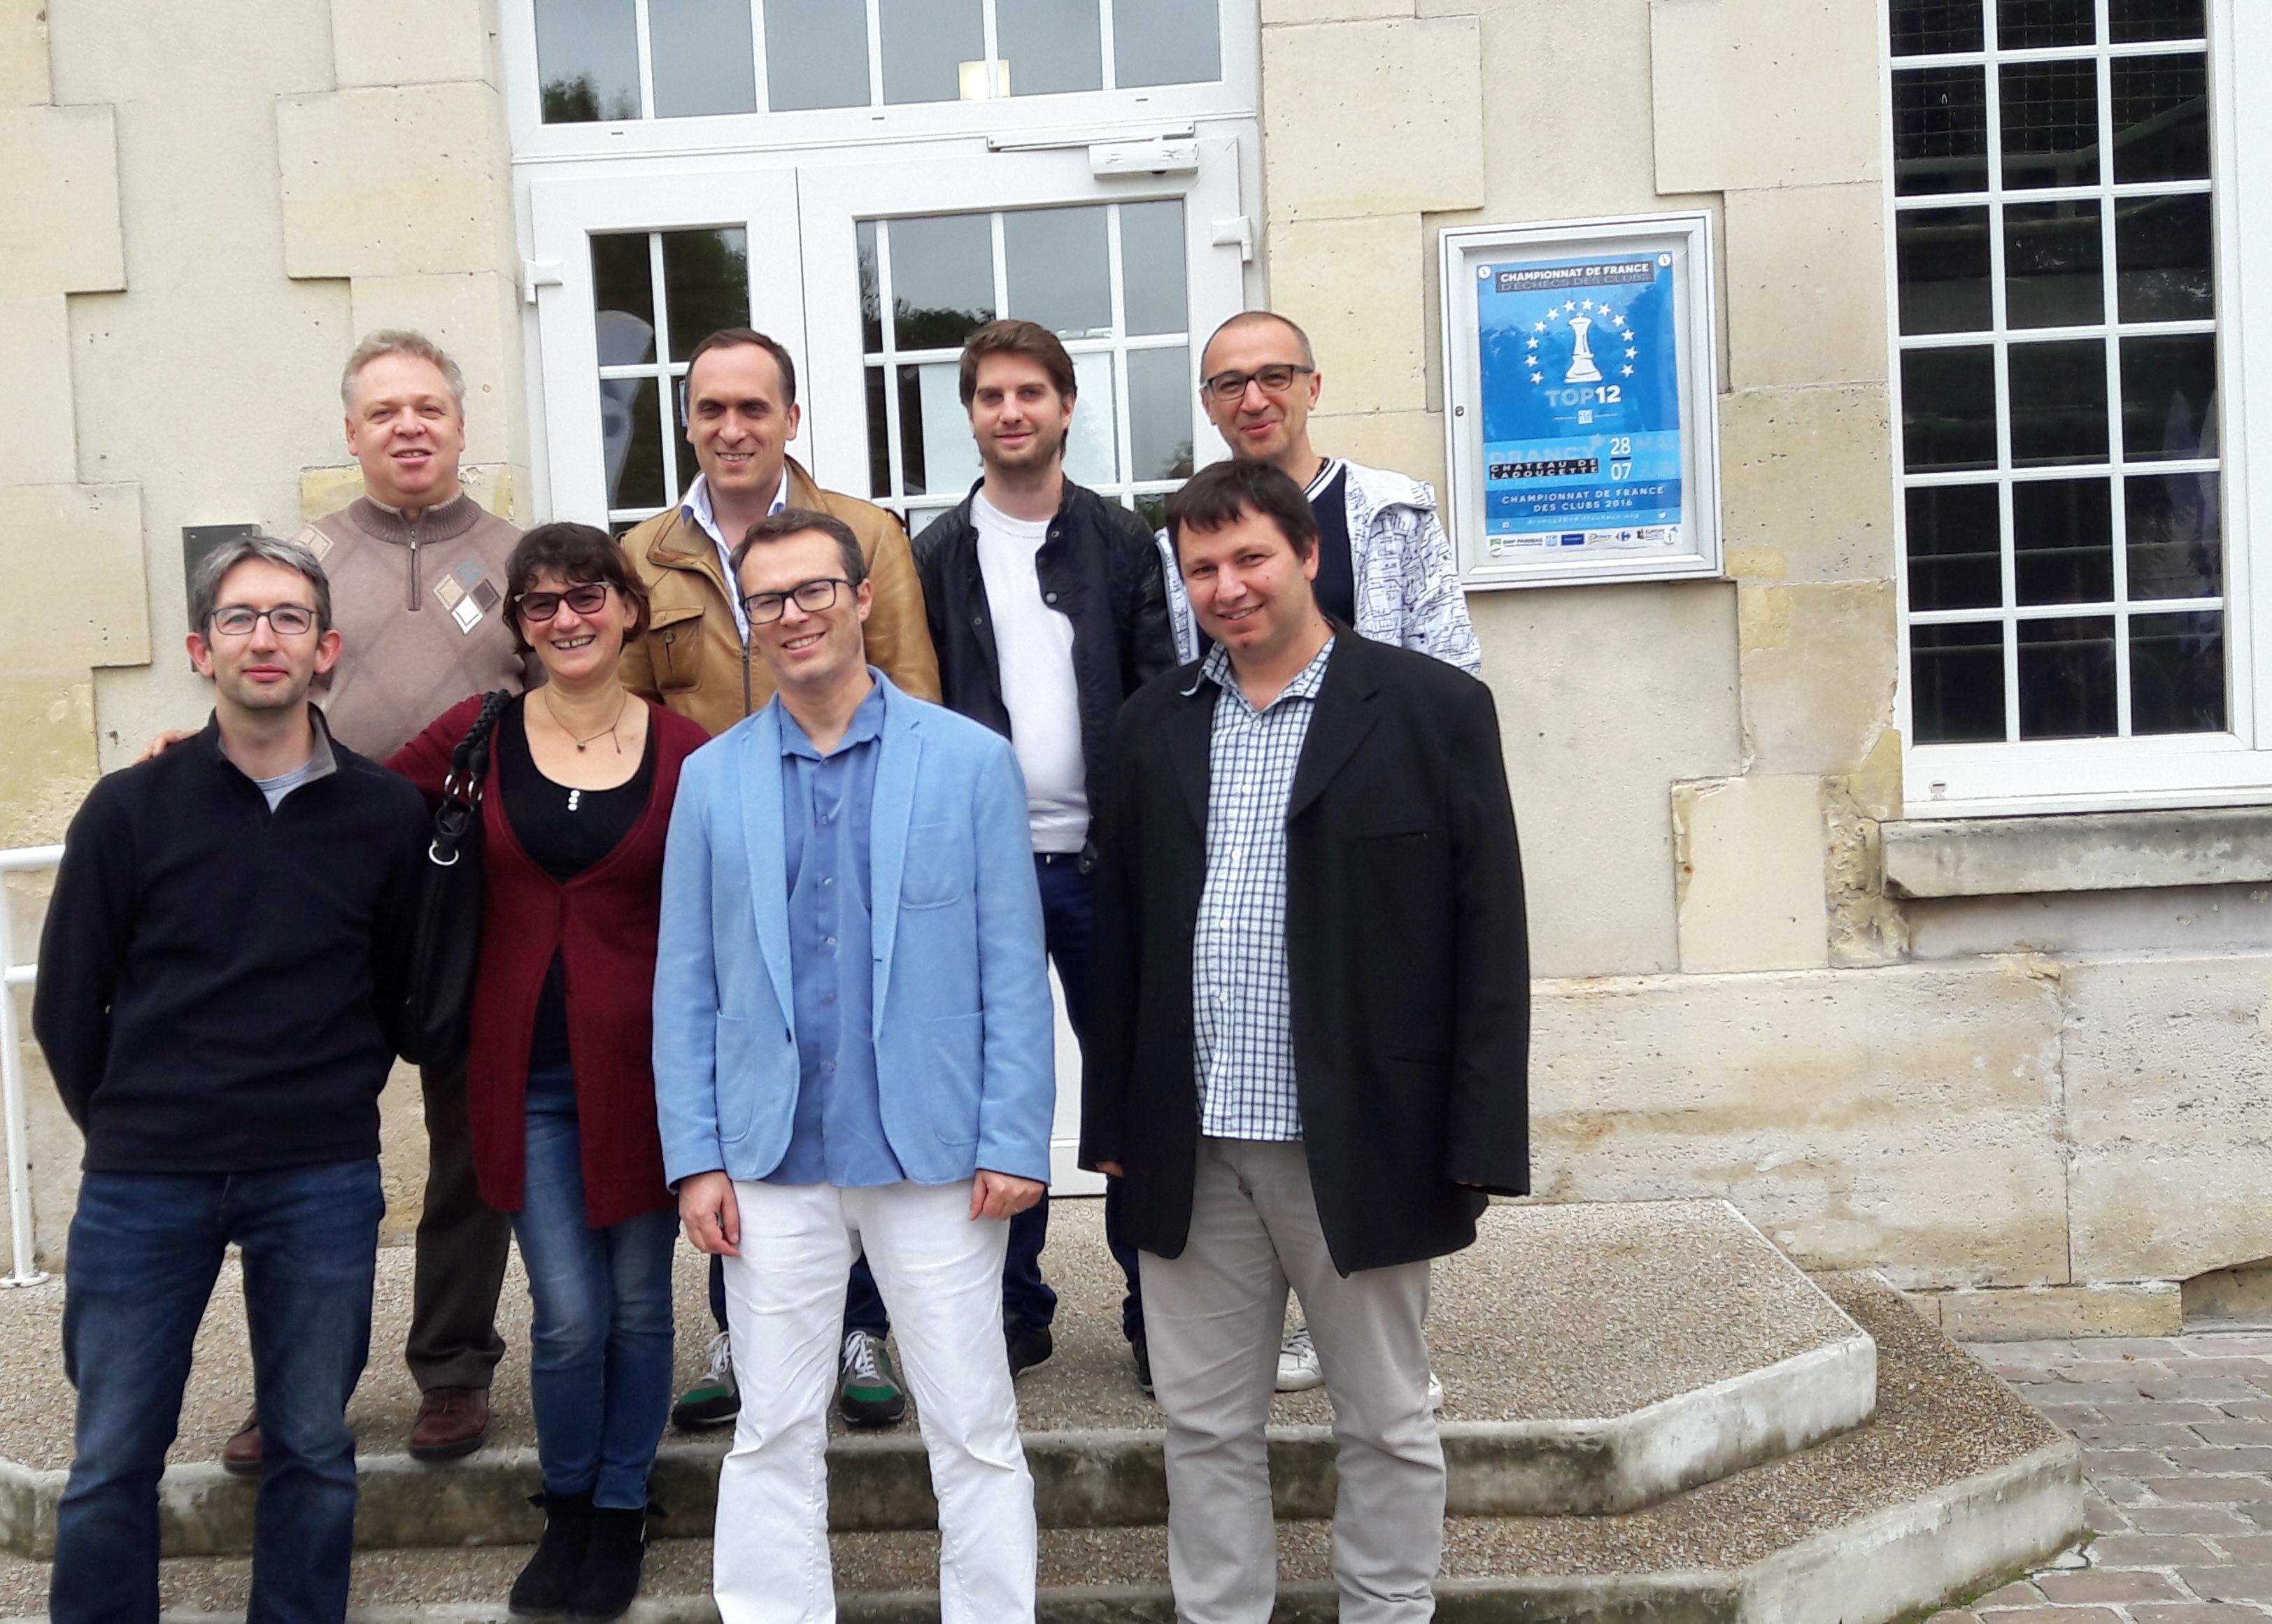 De g. à gr., en haut, Komarov, Chabanon, Bijaoui, Petkov En bas, de g. à dr. Roumegous, Kogan, Todorov.